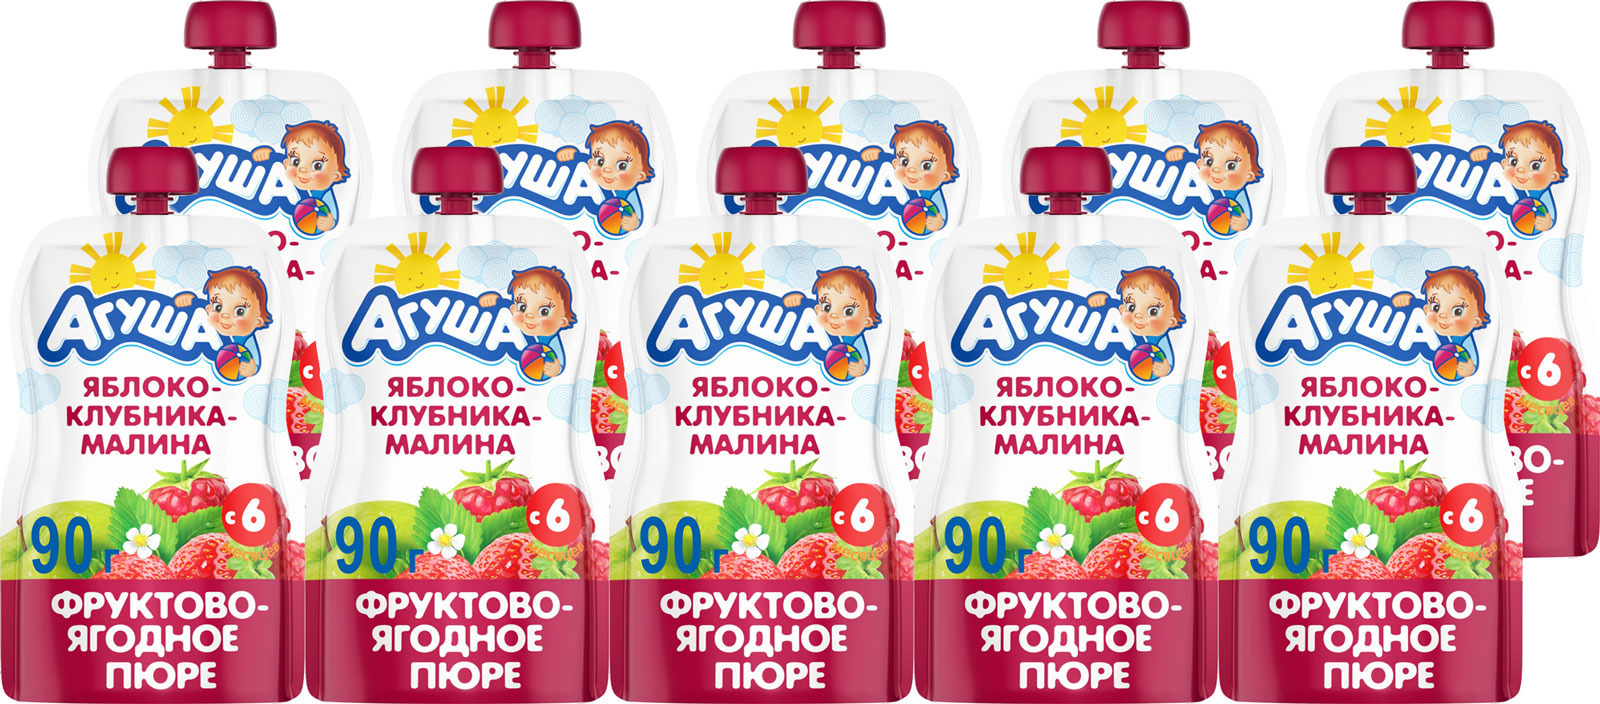 Пюре фруктовое с 6 месяцев Агуша Яблоко-Клубника-Малина, 10 шт по 90 г